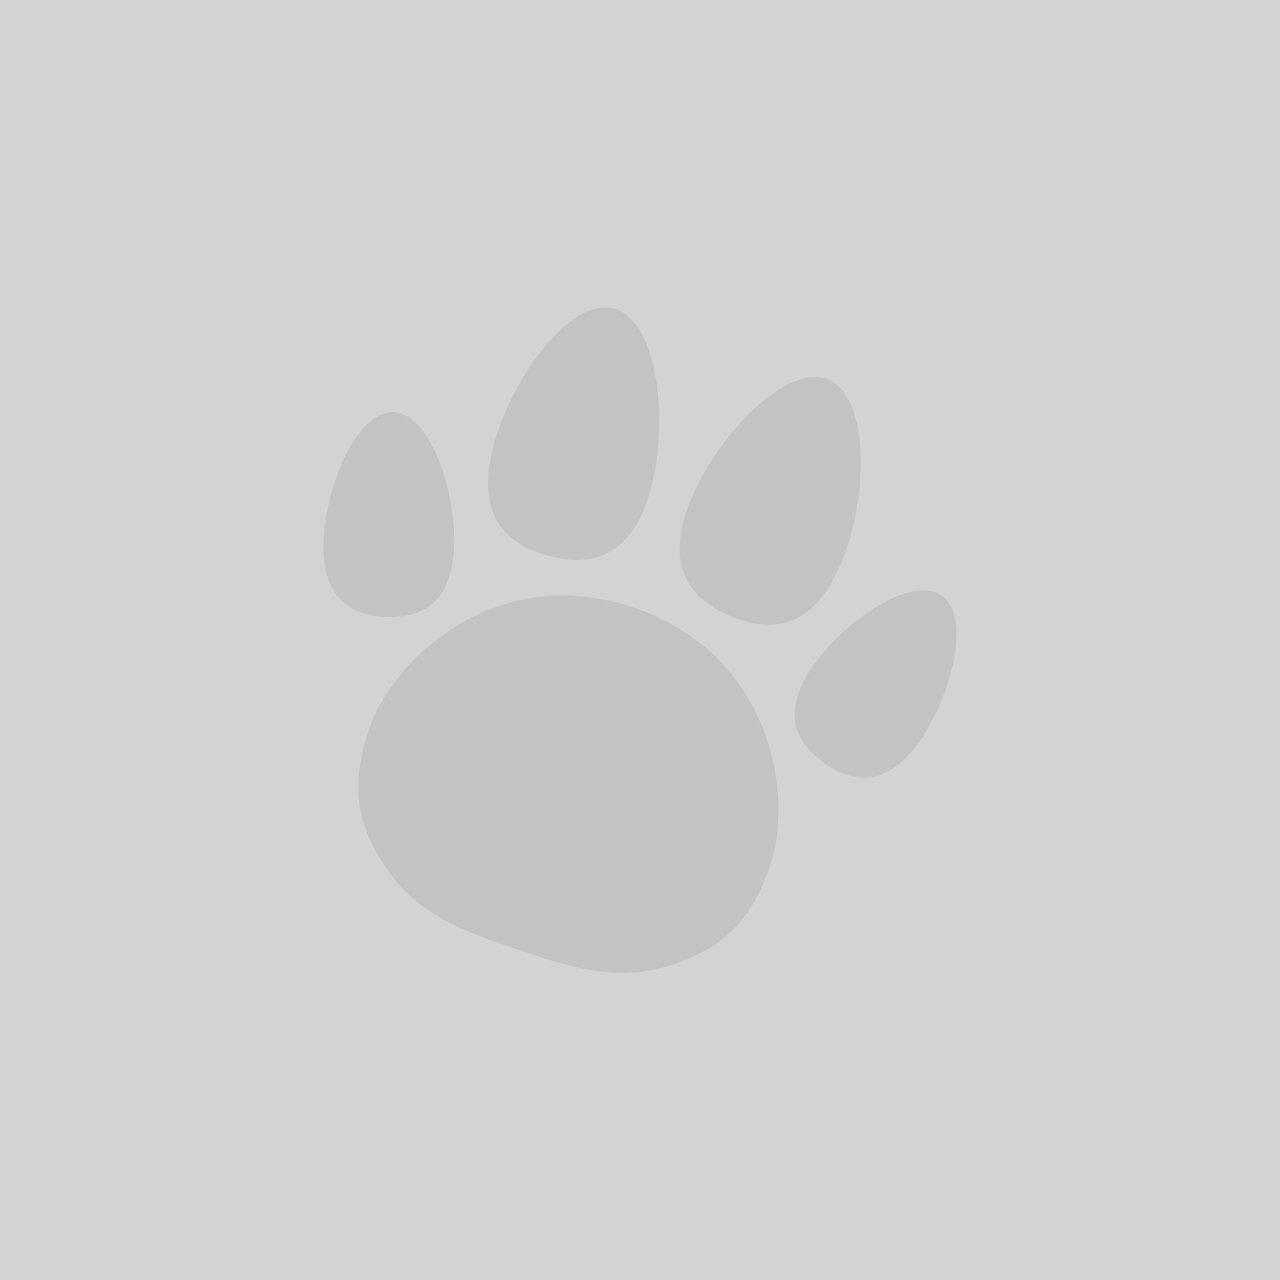 House of Paws Crinkle Noisy Paws Bear